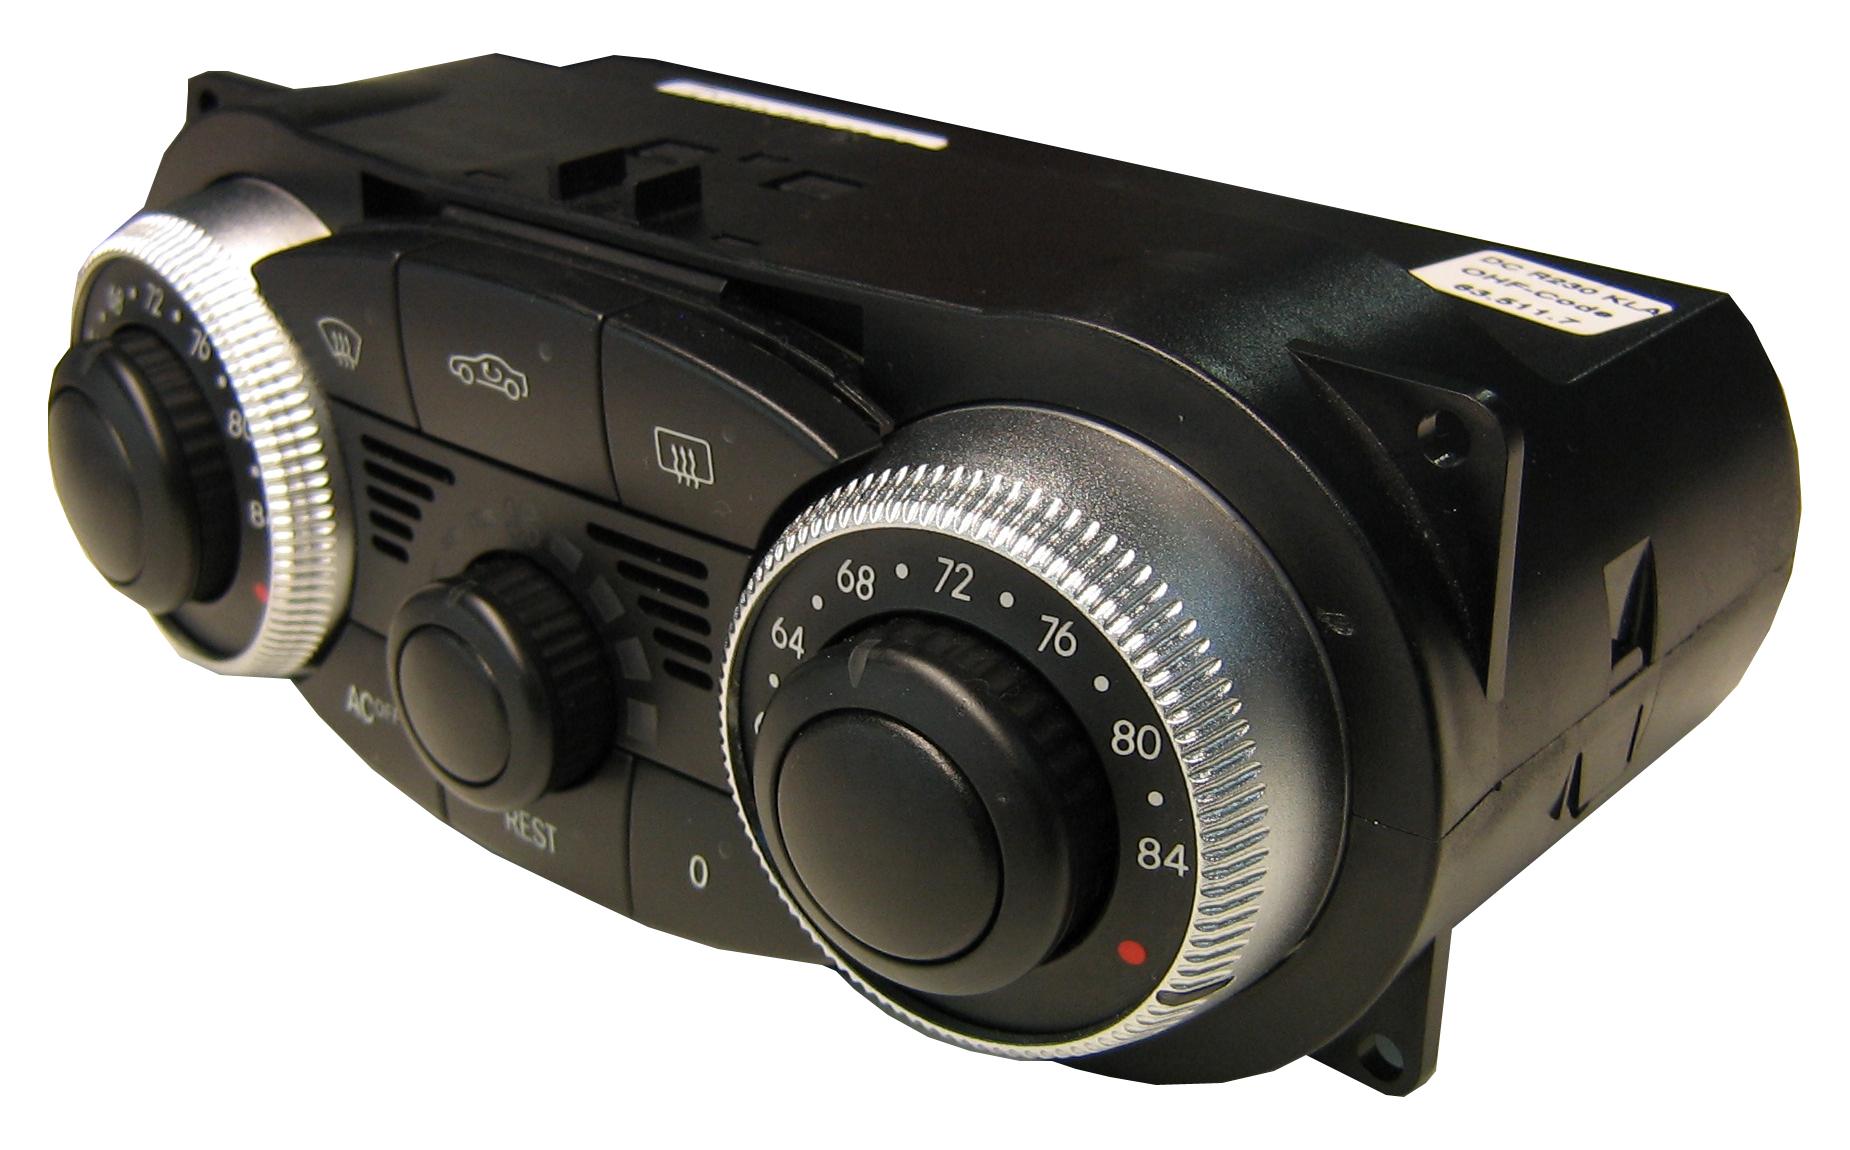 Mercedes Climate Control Unit 230 830 0285